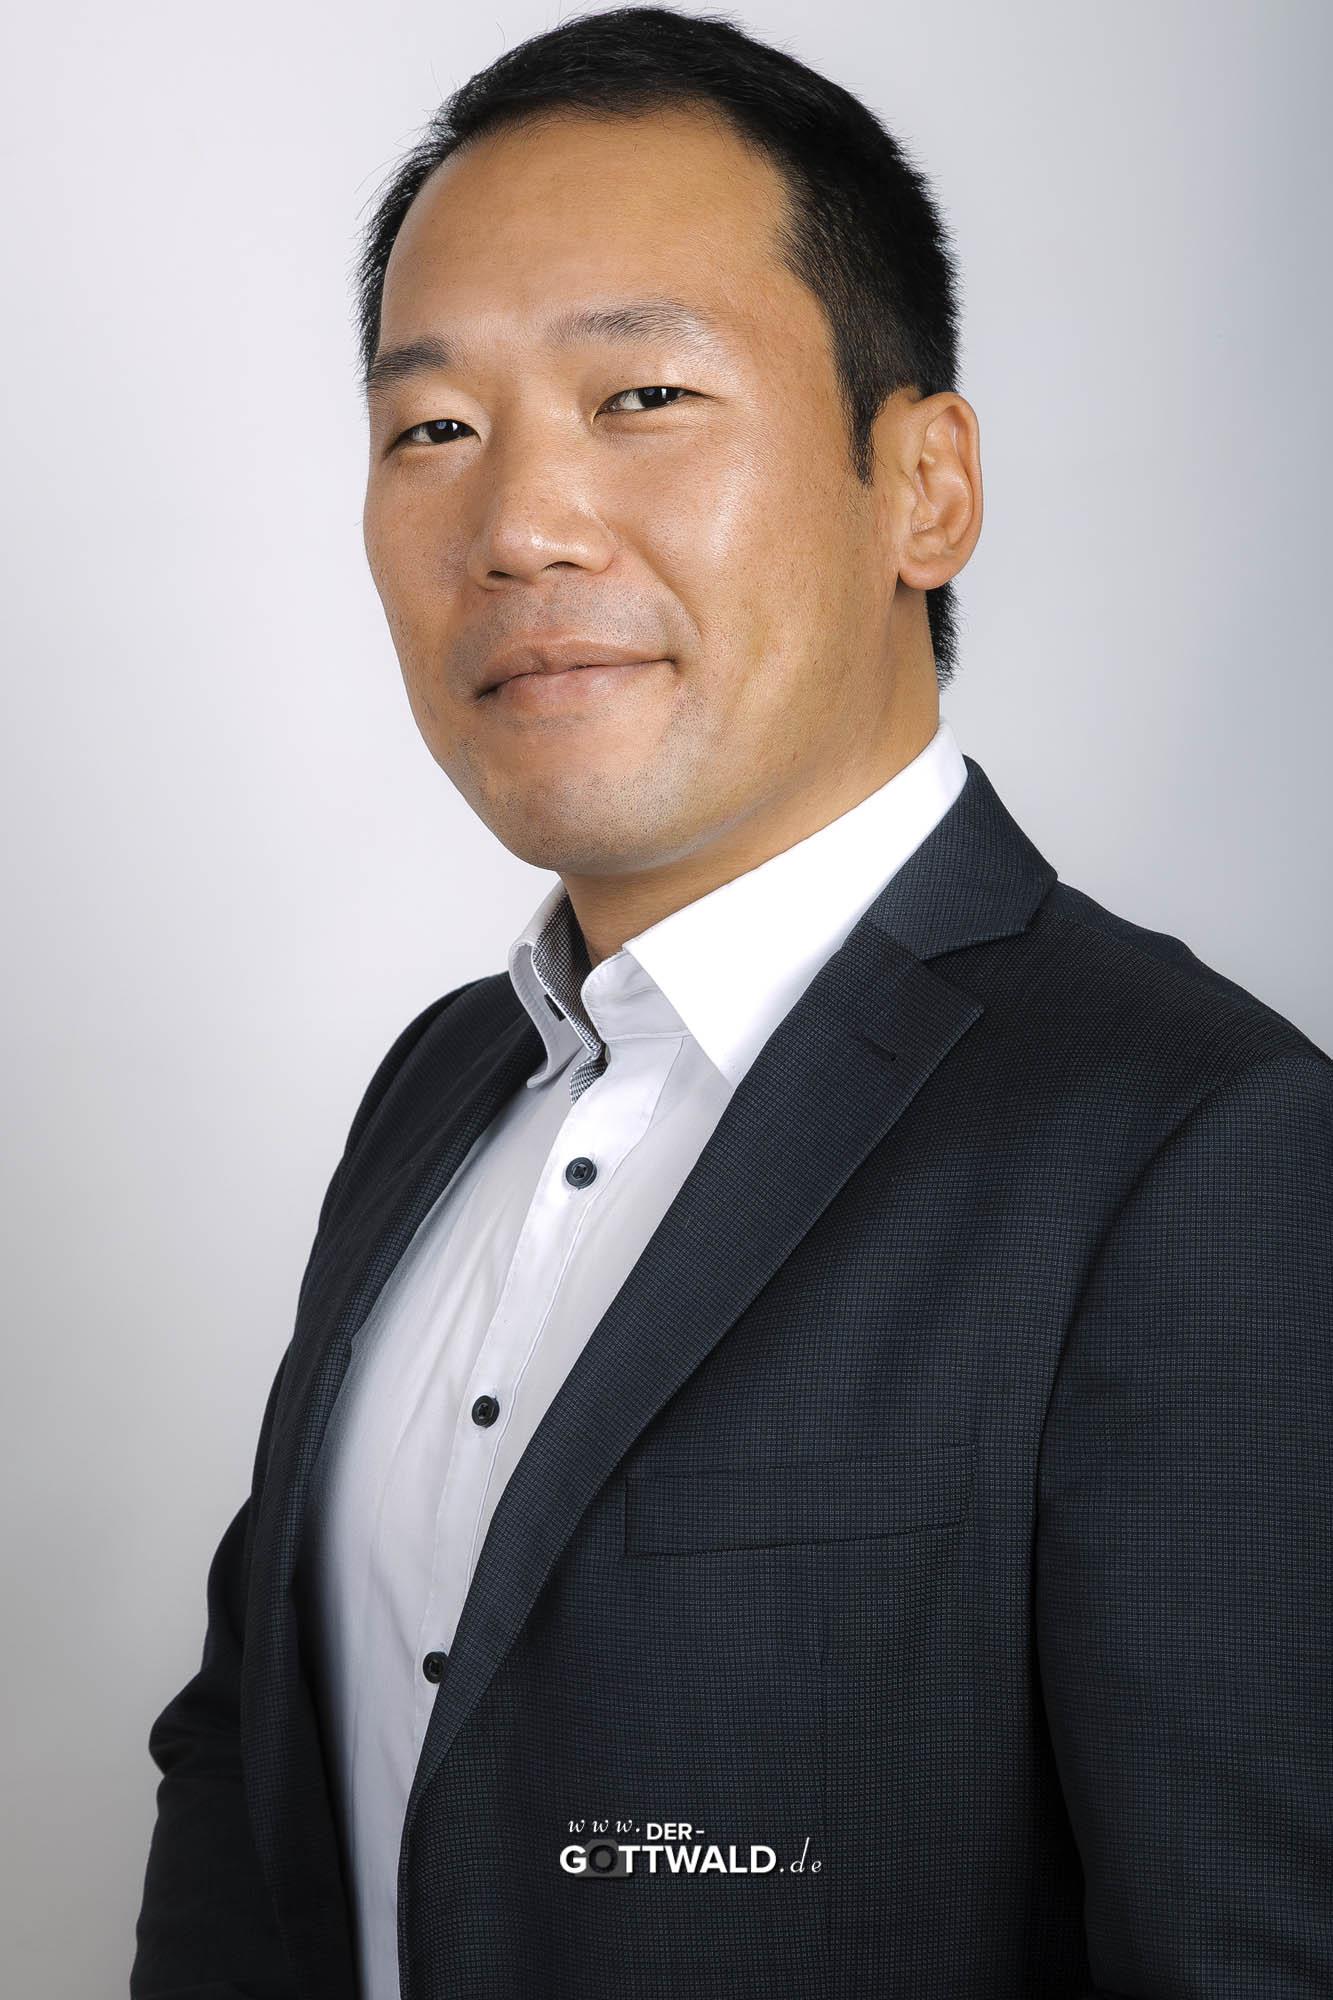 der-gottwaldDE - Business-Portrait 19.jpg